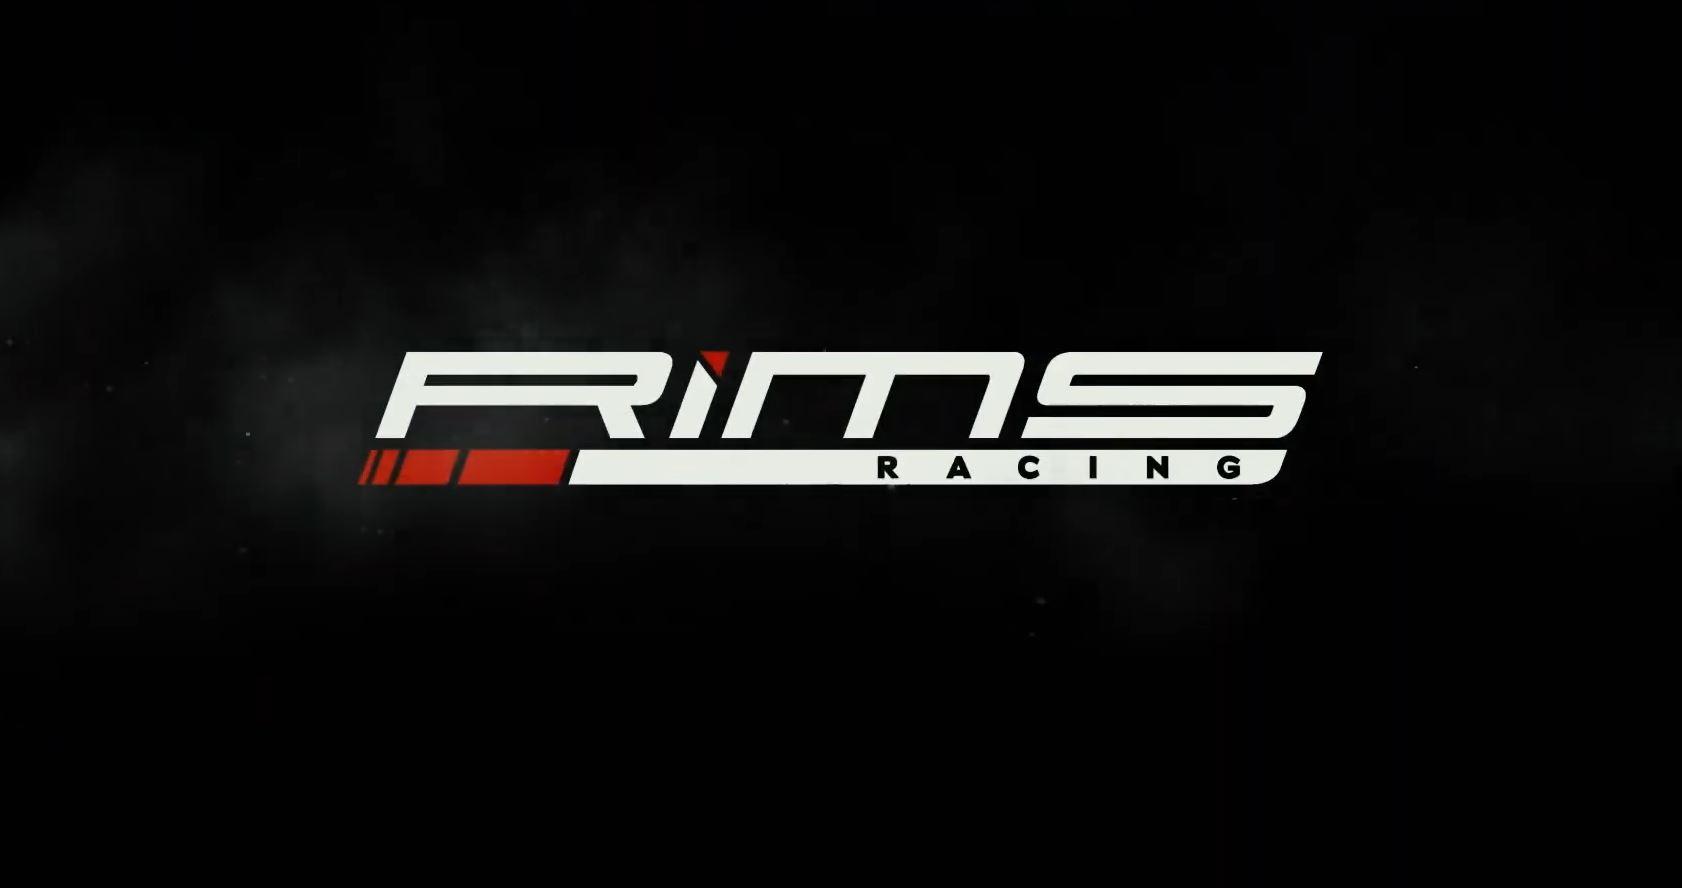 rims-racing-ps5-ps4-news-reviews-videos